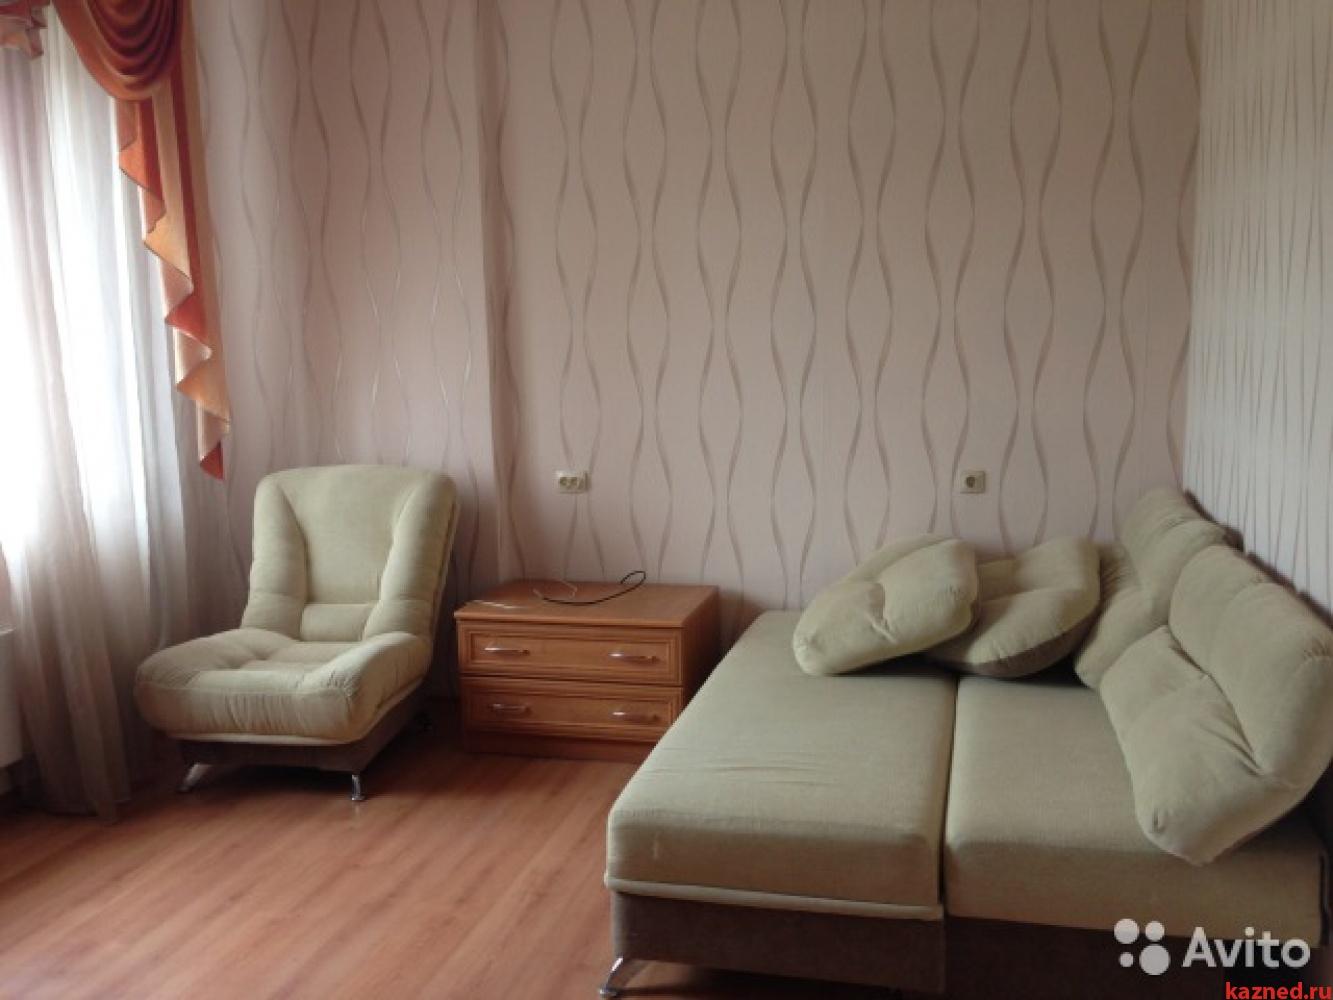 Продажа 1-к квартиры ленинградская 22, 44 м² (миниатюра №4)